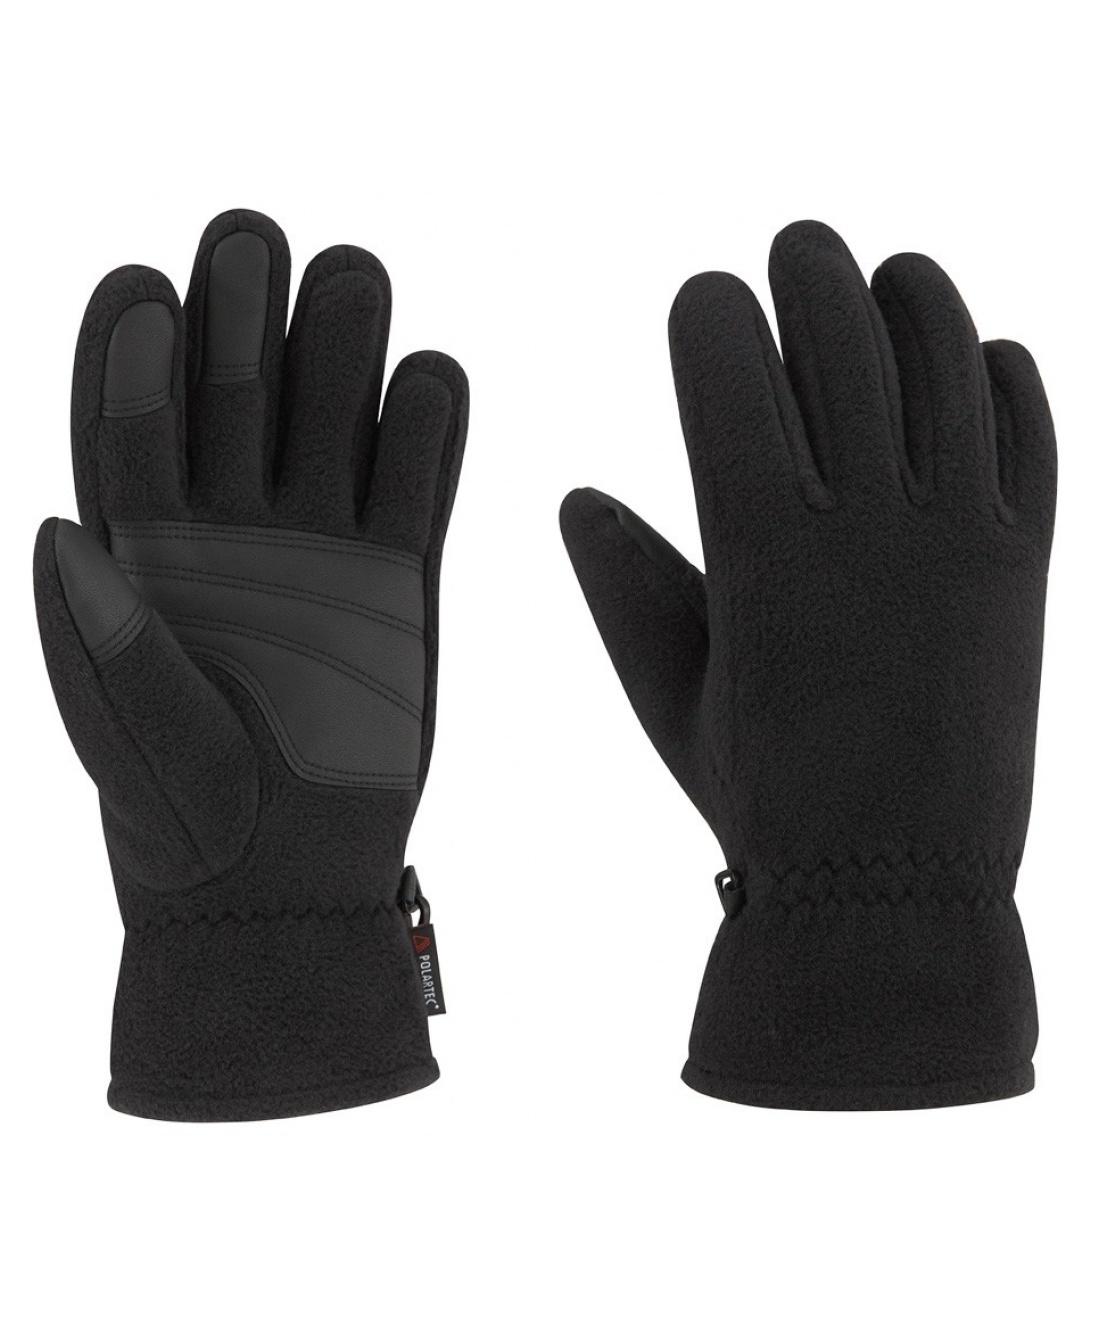 Перчатки Bask Windblock Glove Pro, черные, M